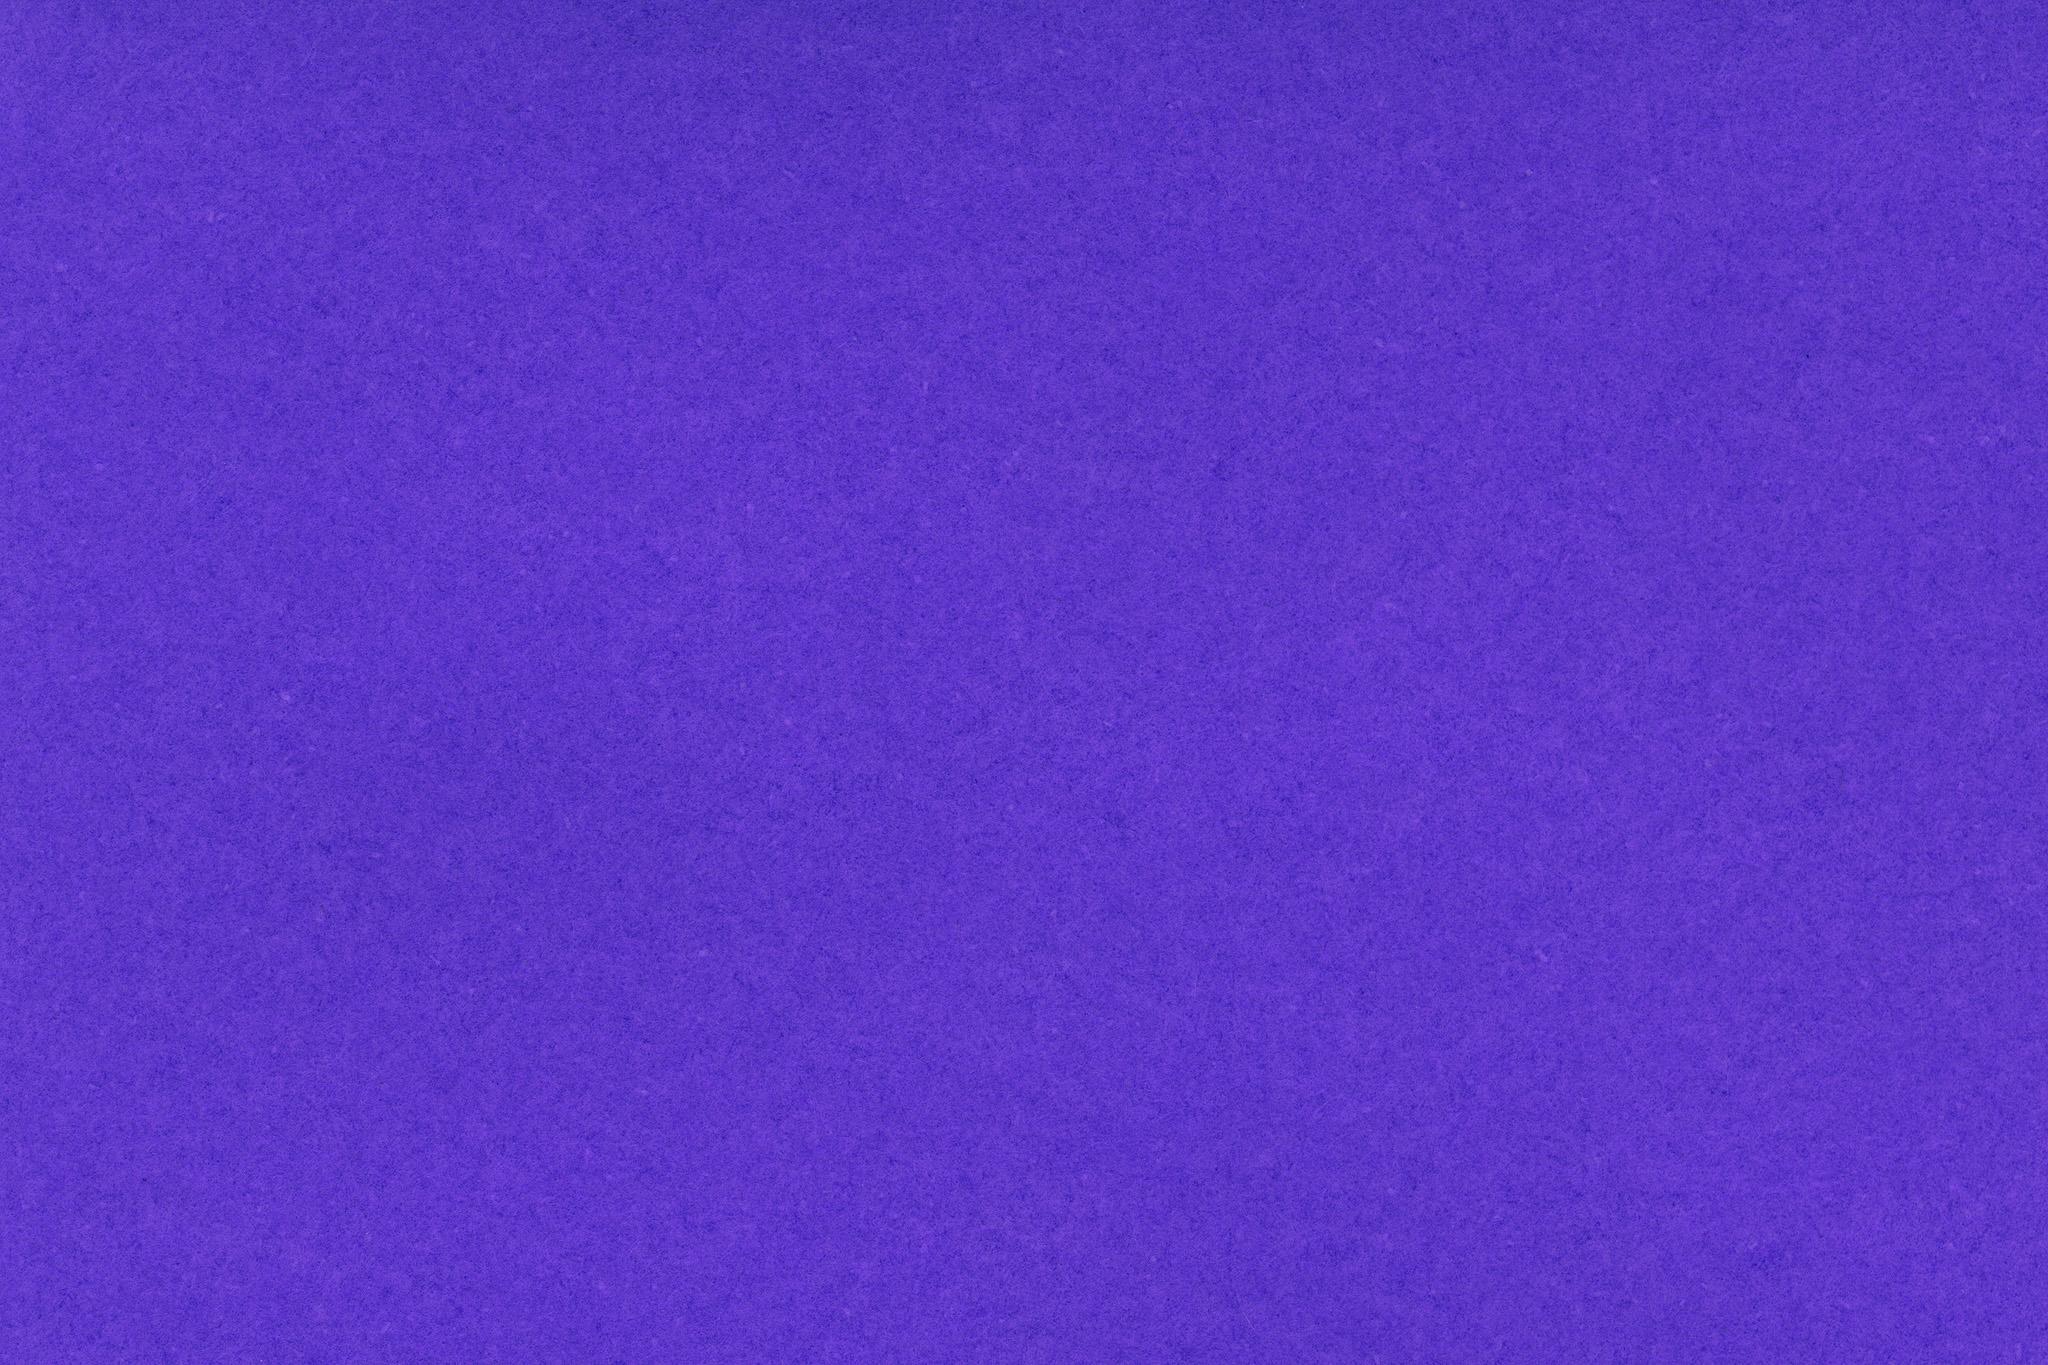 「高級感のある紫色の紙」の画像を無料ダウンロード